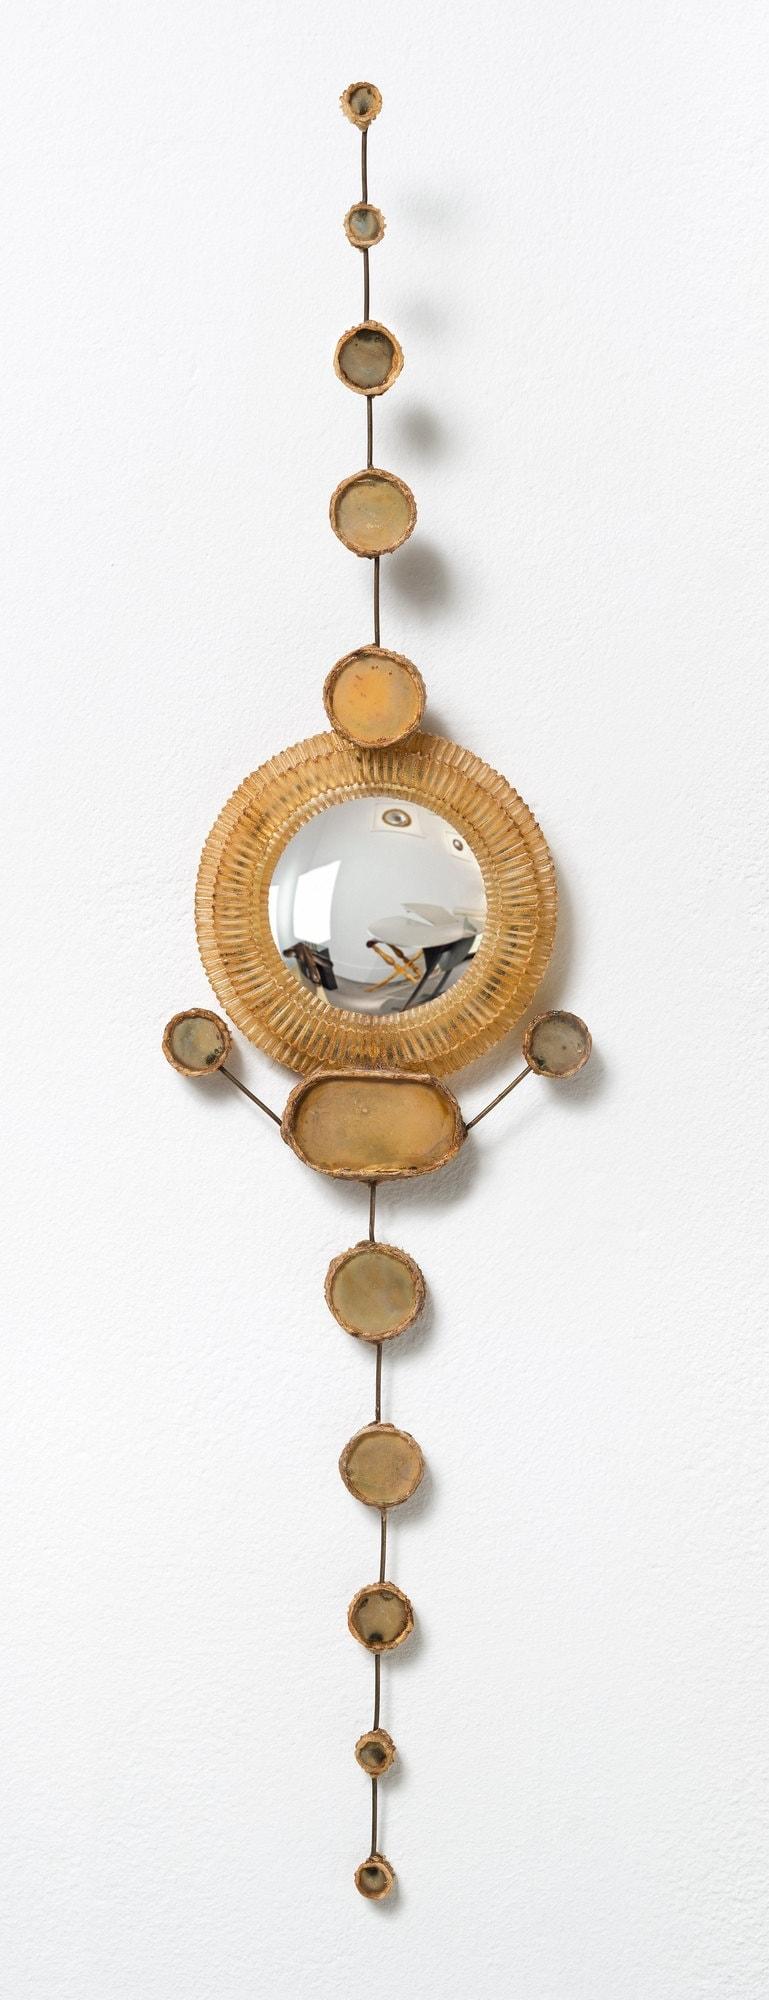 Line Vautrin, Rare paire de miroirs (vendue), vue 02